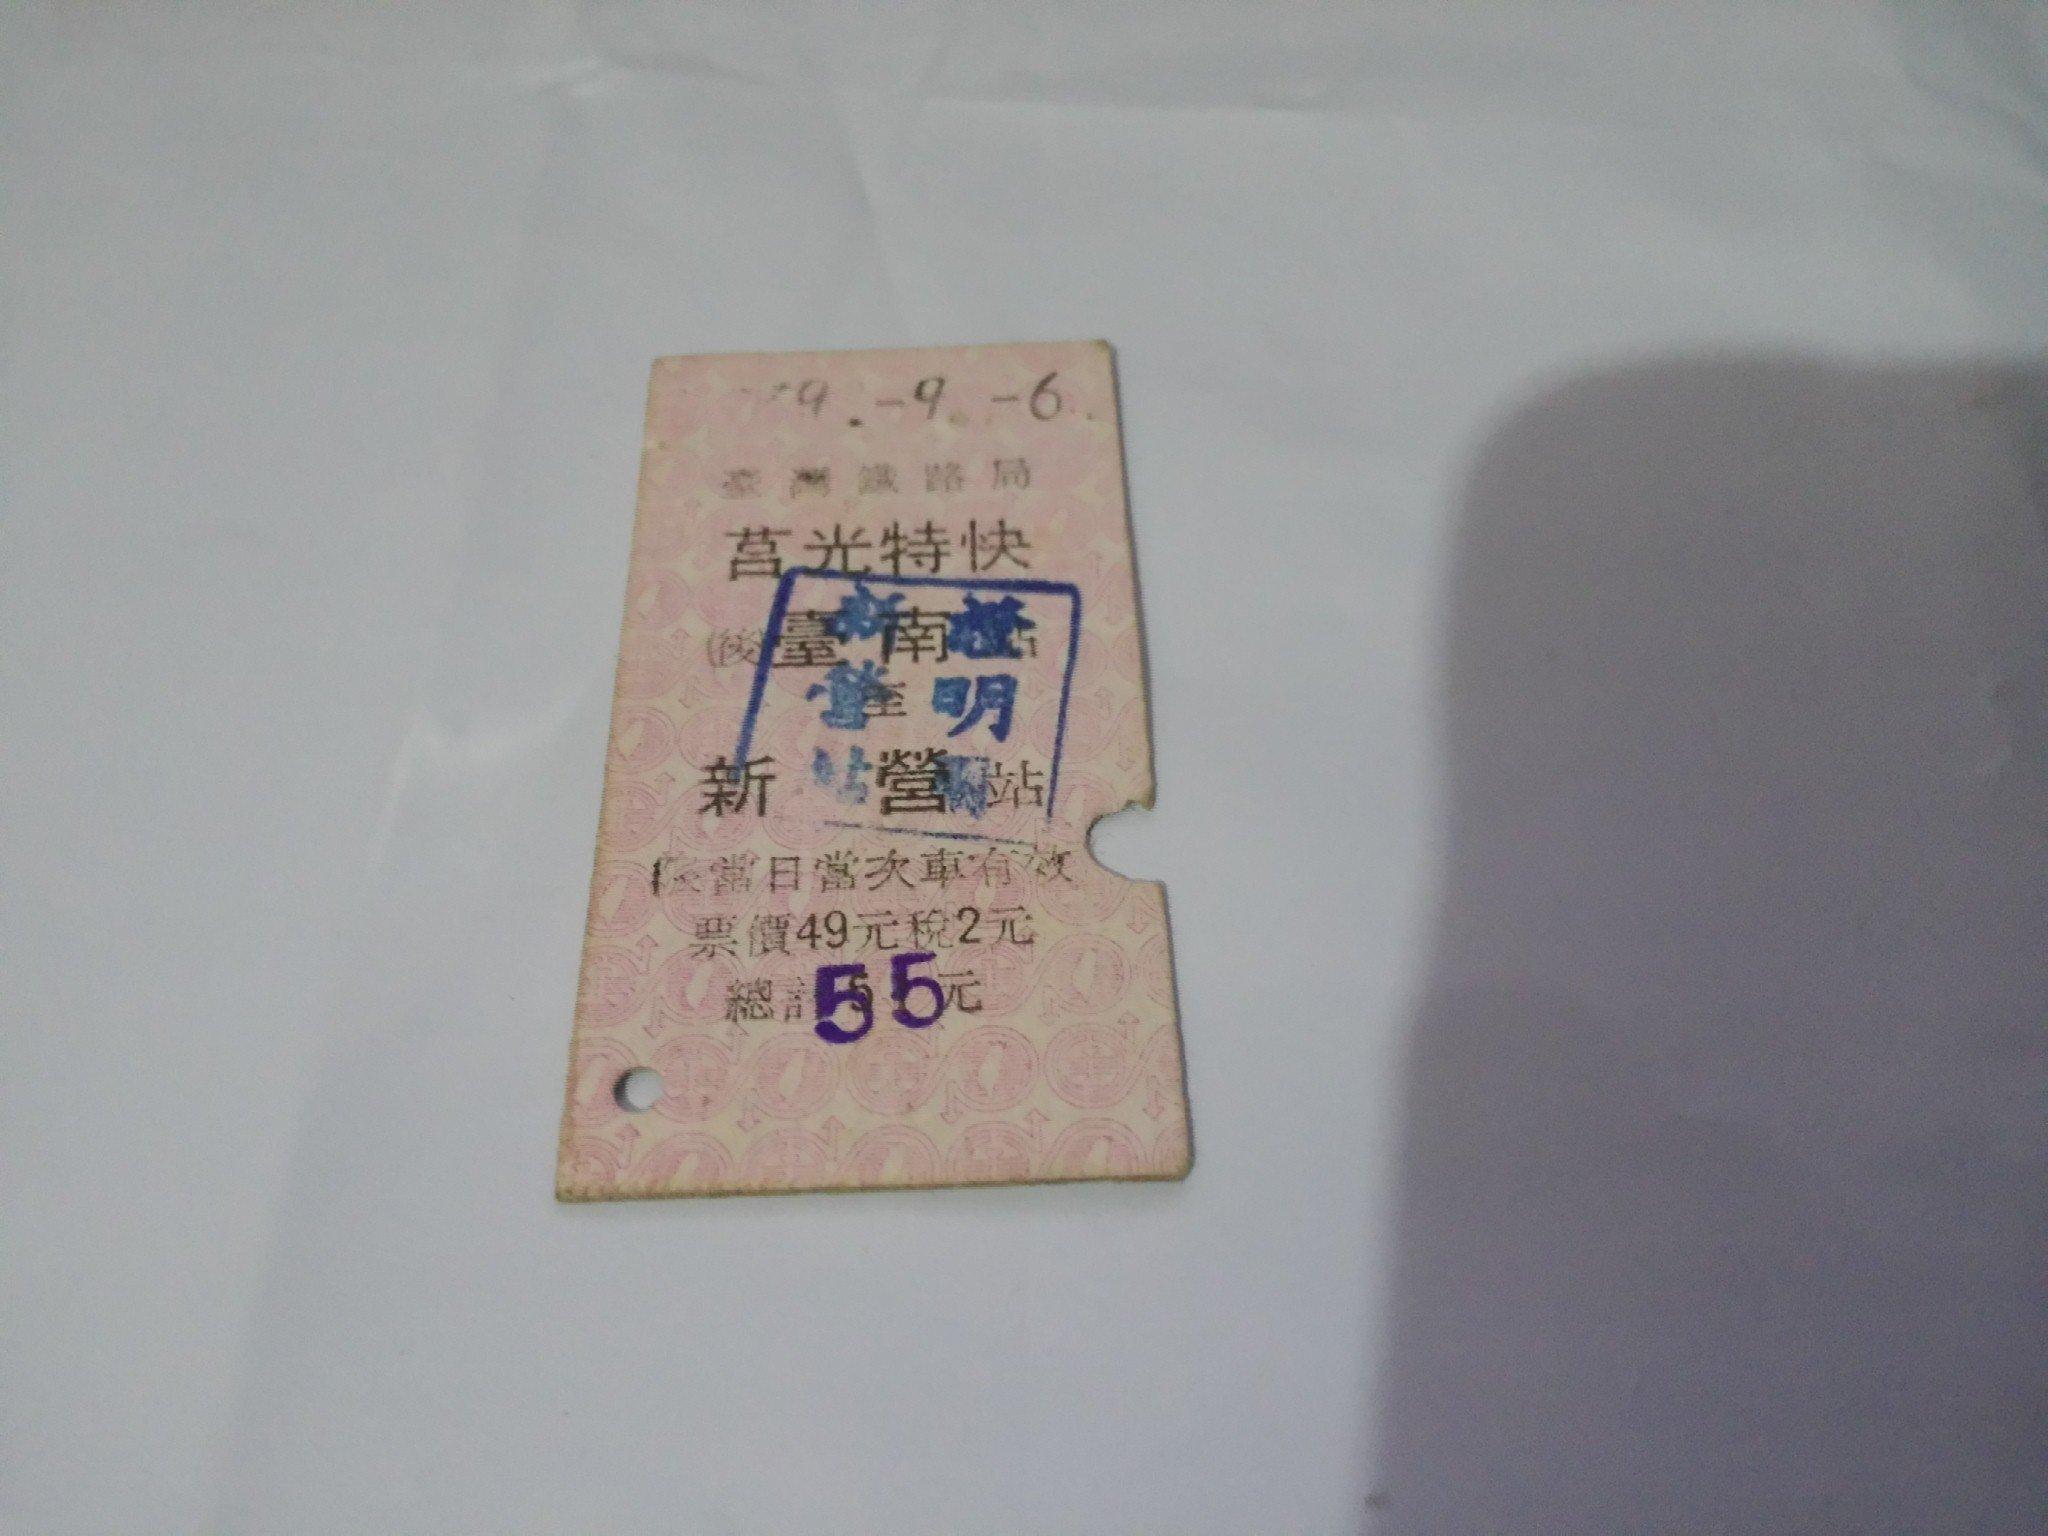 *掛著賣書舖*《民國79年9月6日 台鐵硬式火車票 莒光特快 (後)臺南站至新營站》|臺灣鐵路局